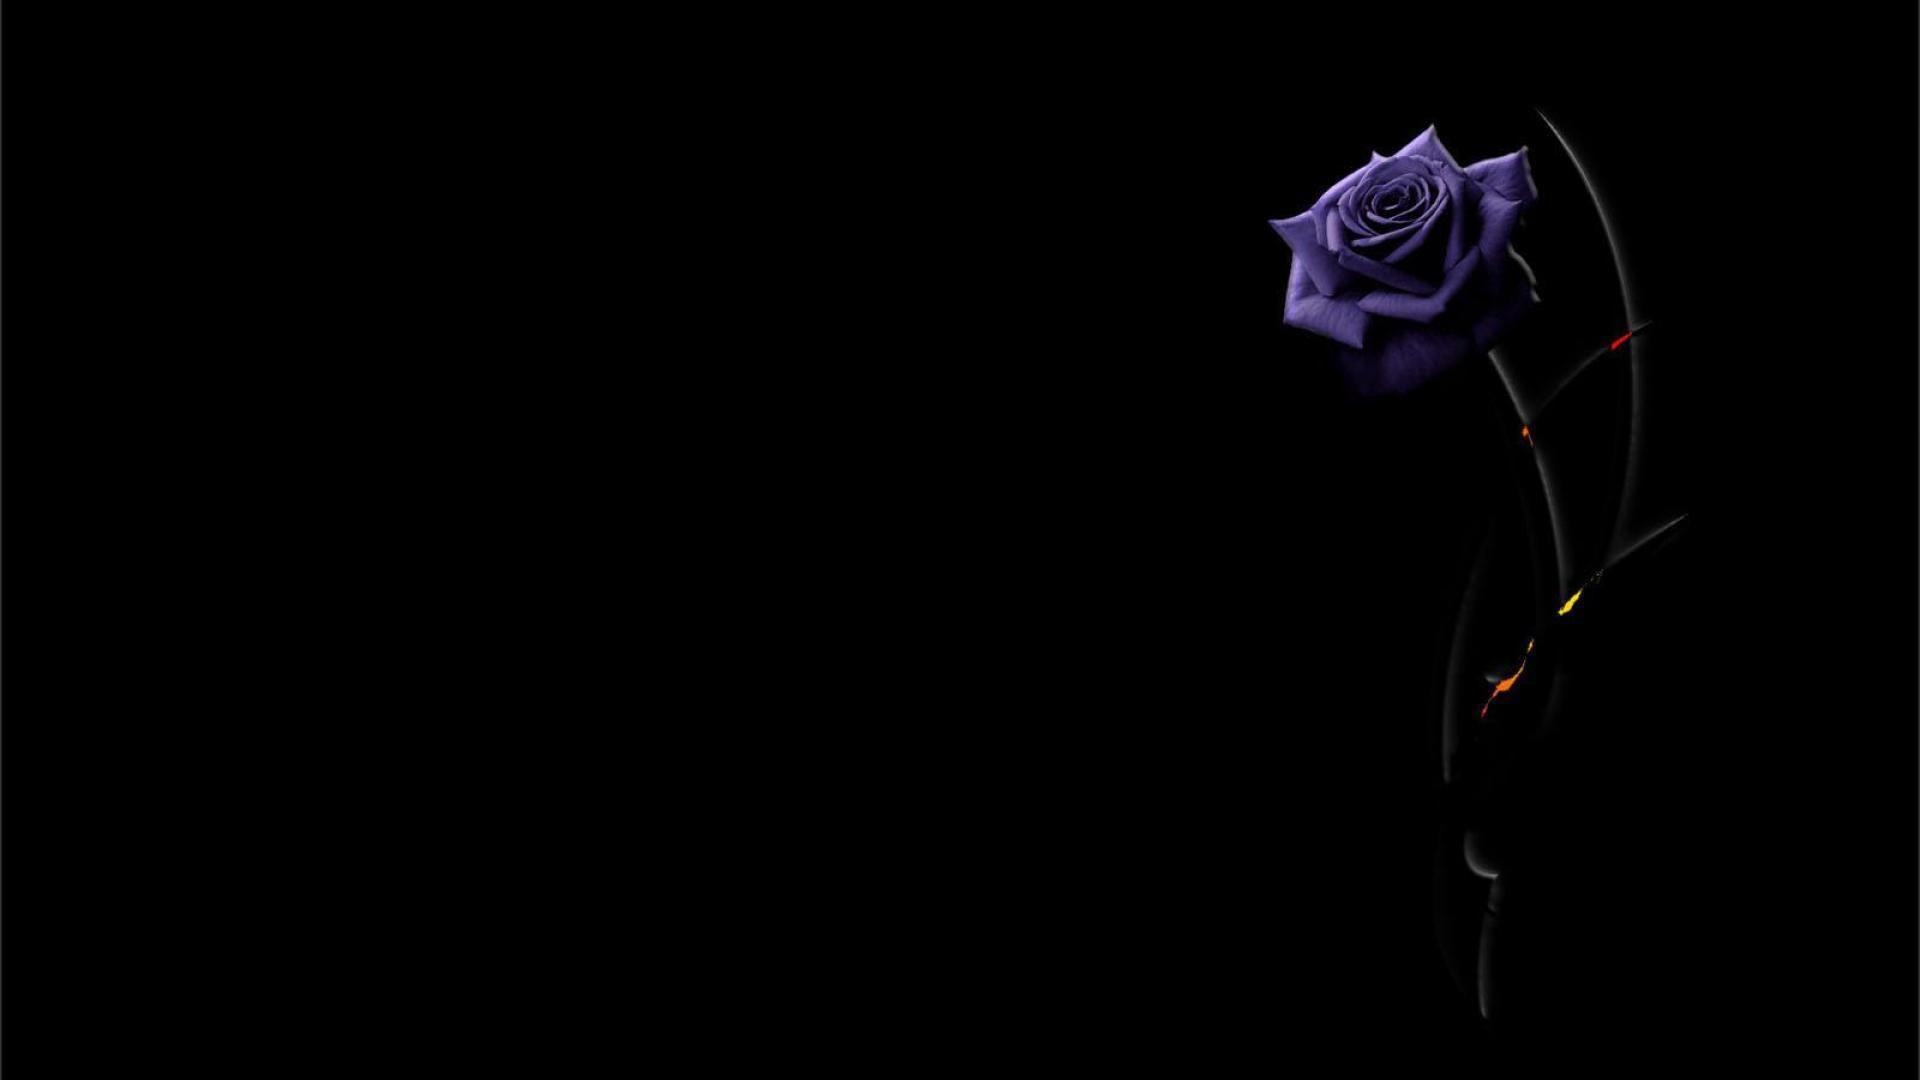 Beautiful Purple Flowers Wallpaper For Desktop x px